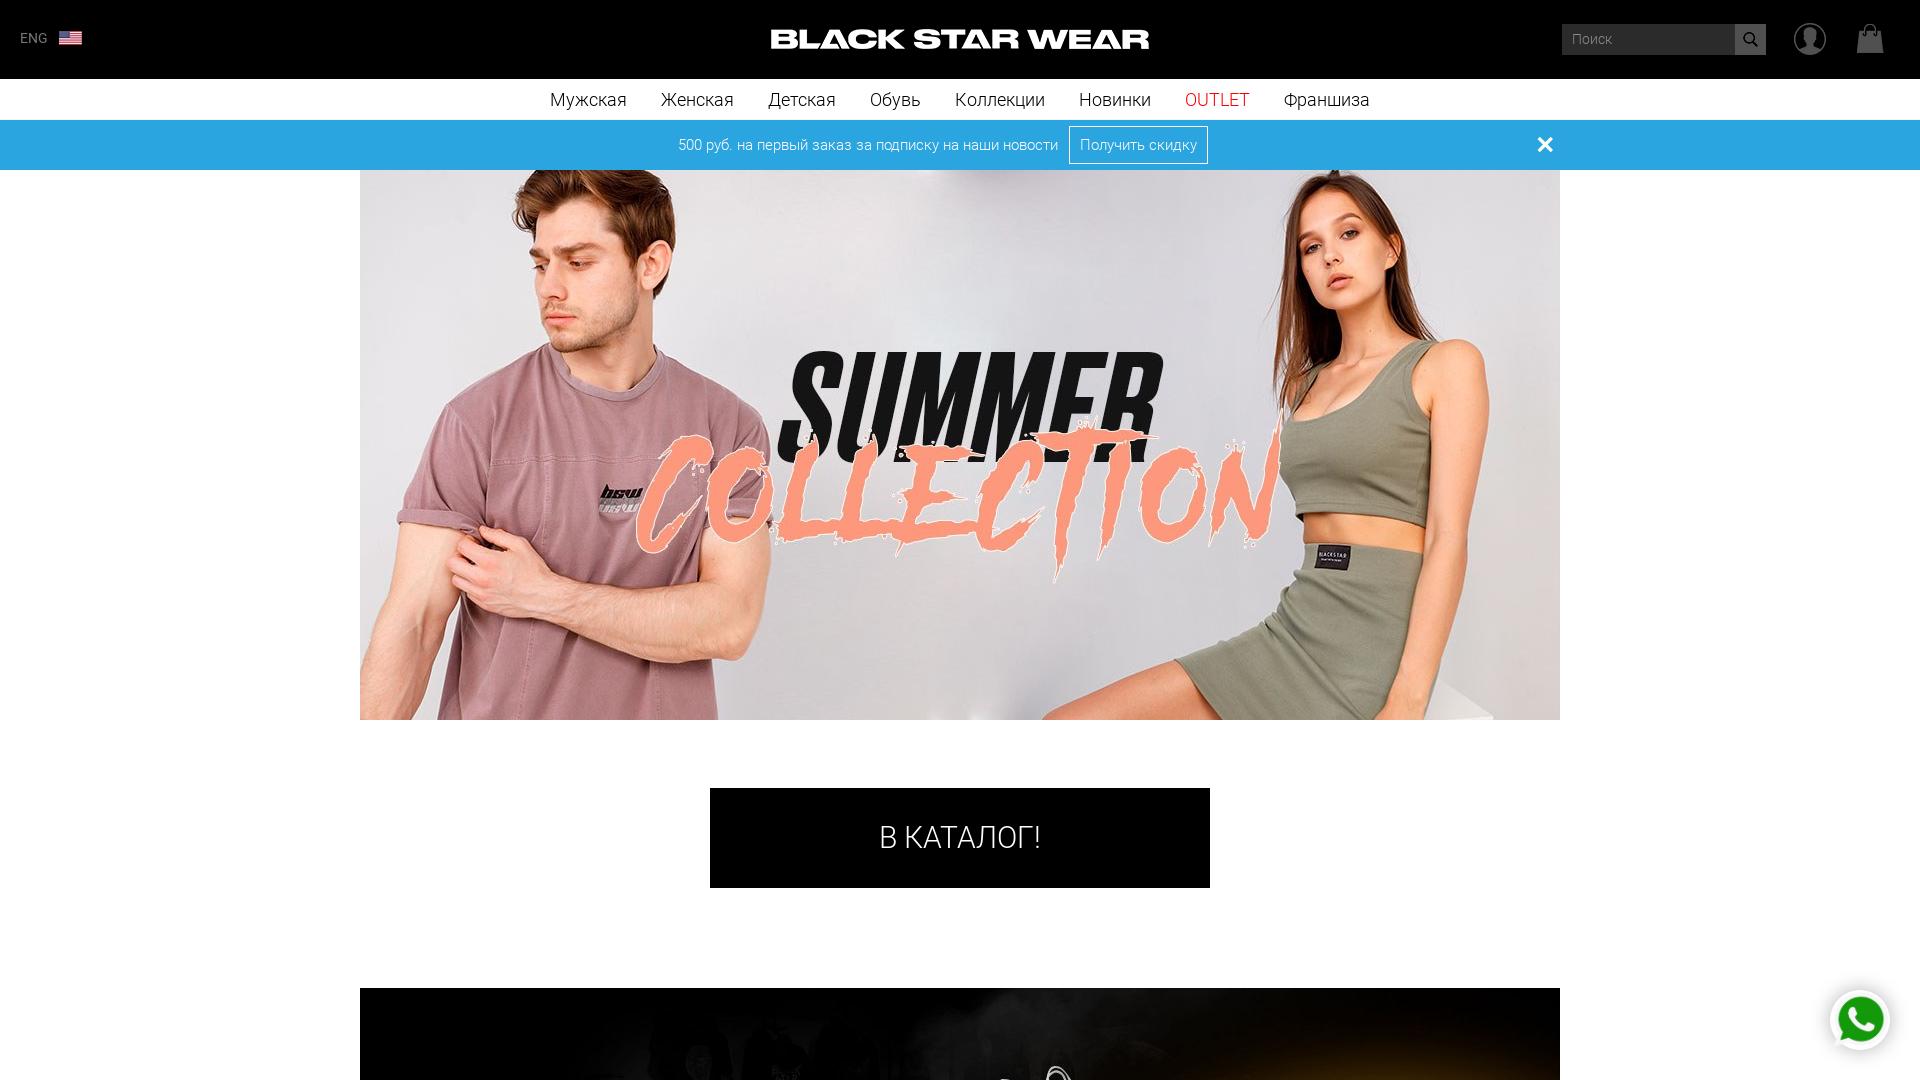 Black Star Wear website